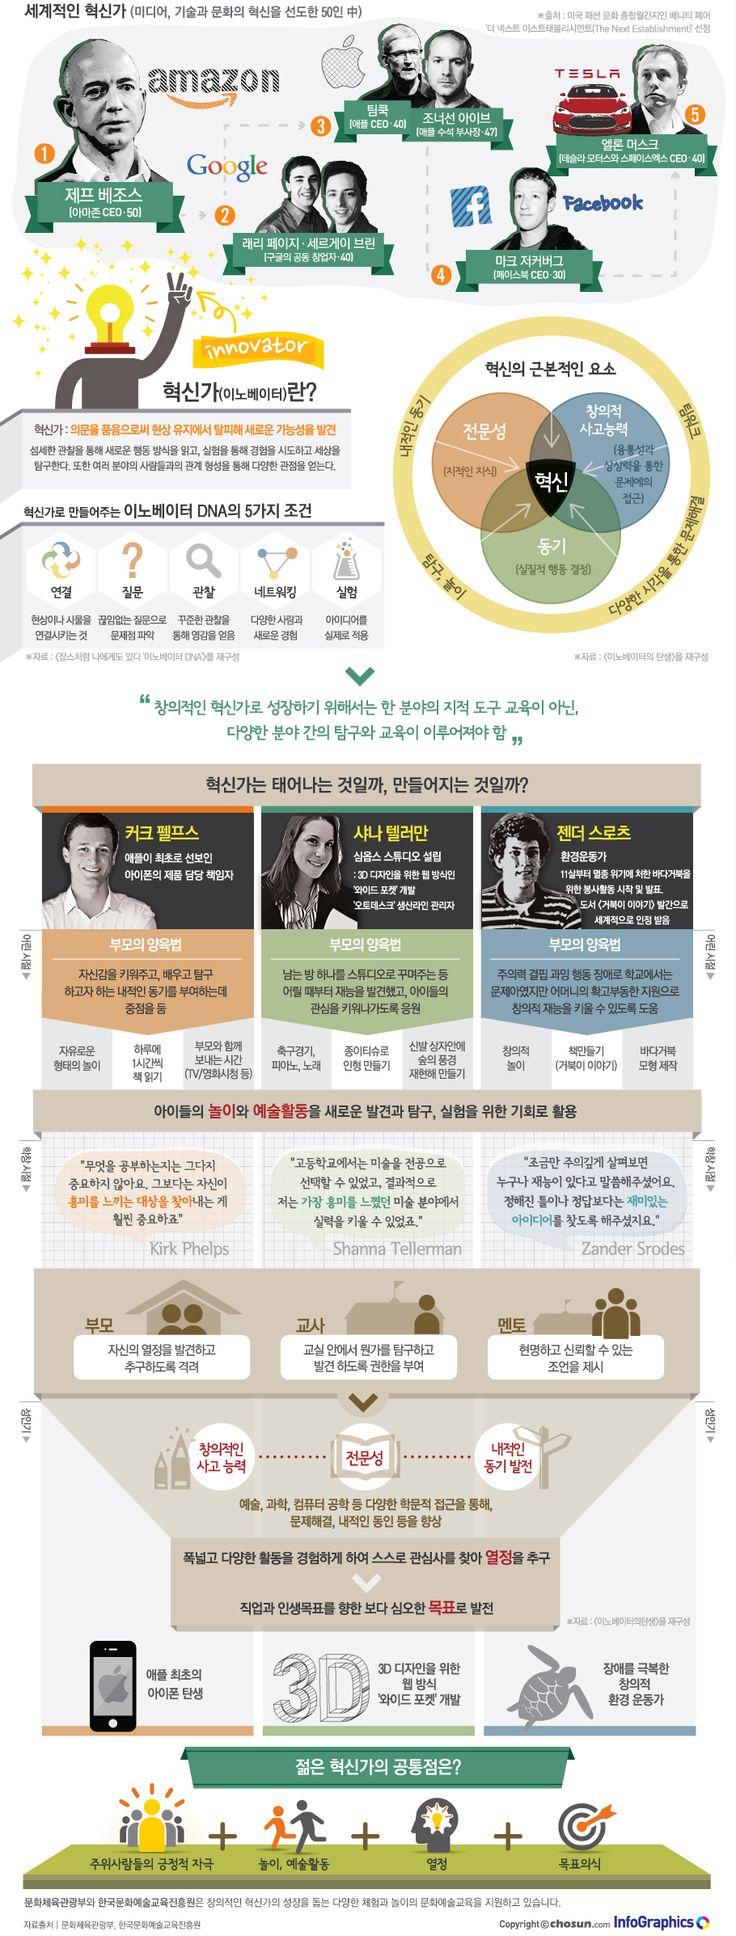 [Infographic] 세계적인 혁신가에 관한 인포그래픽